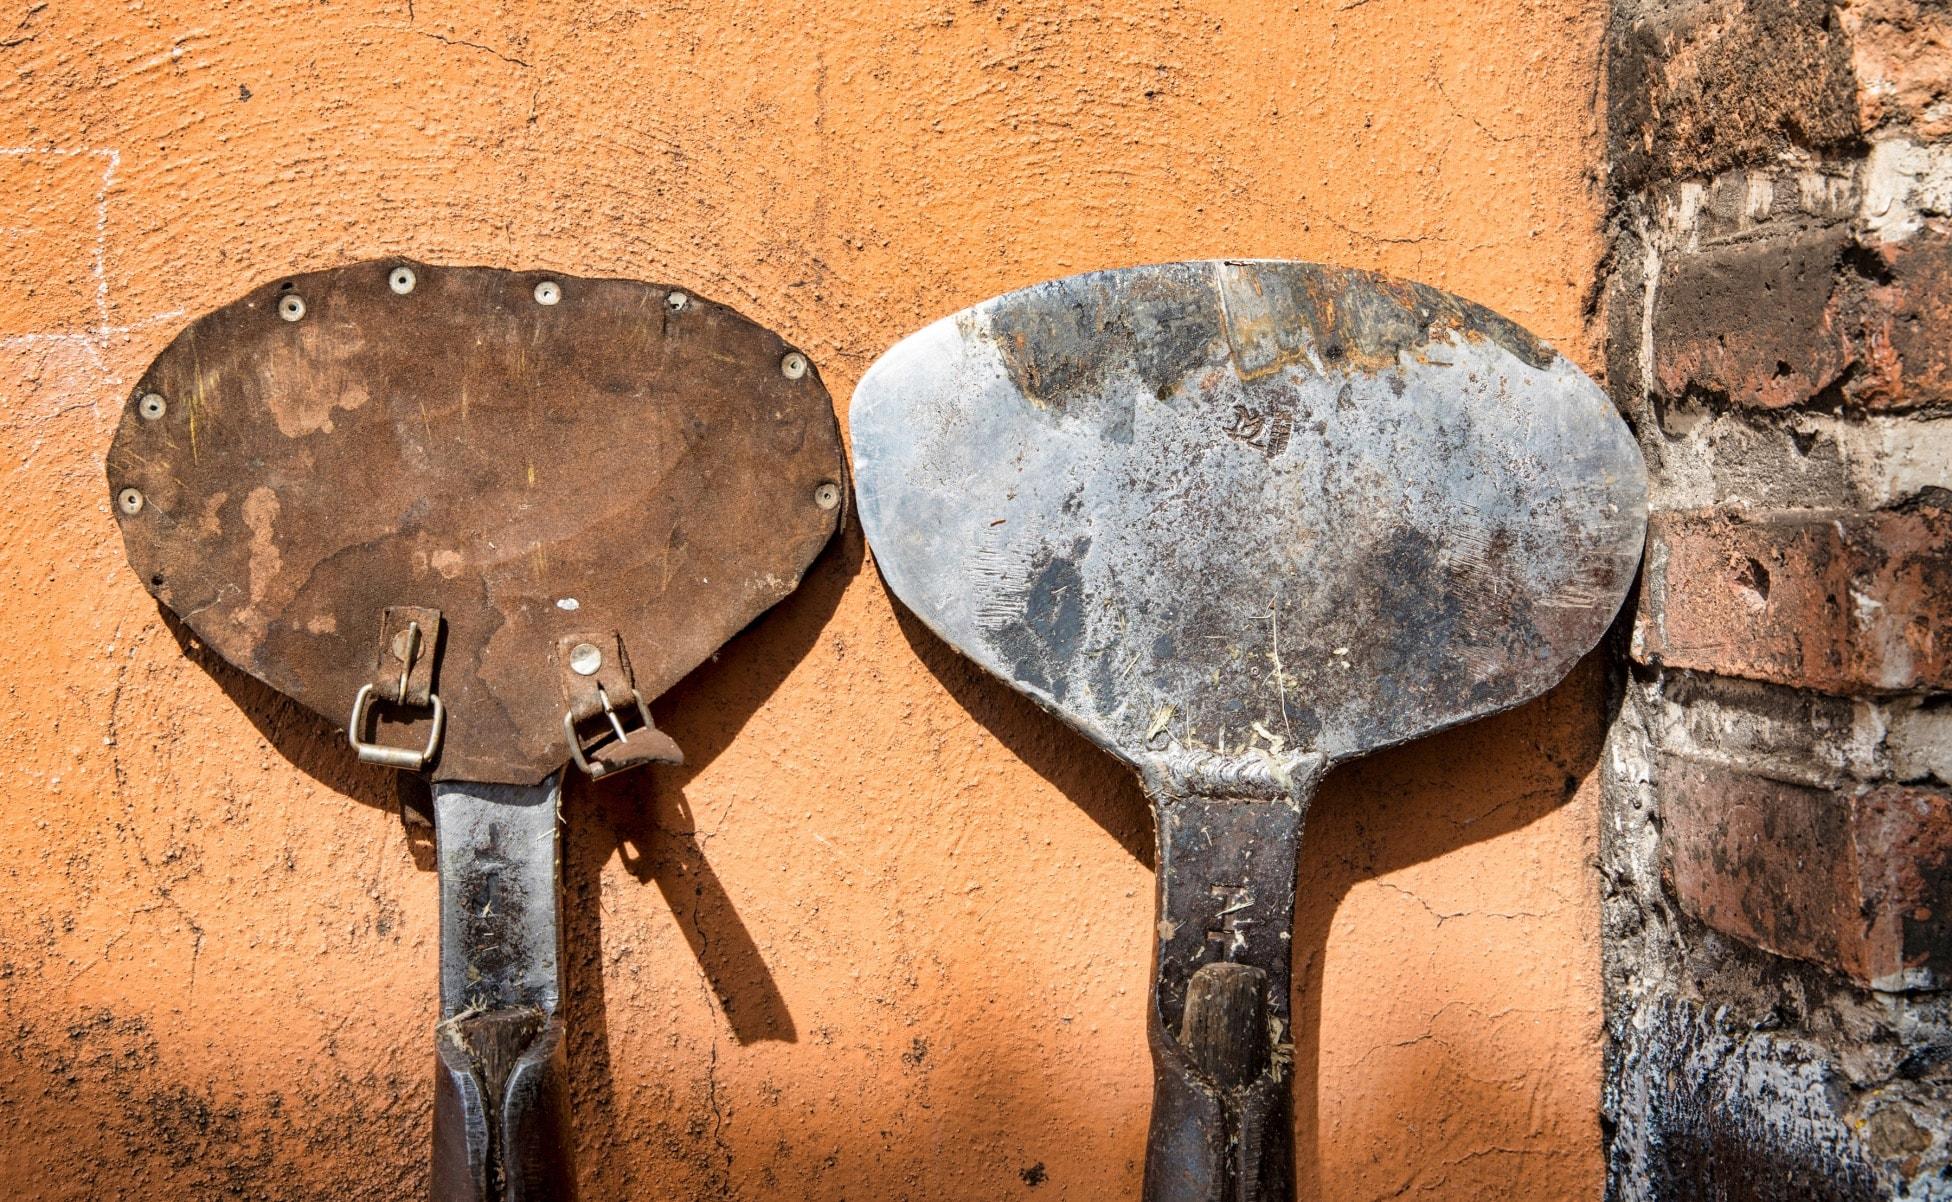 herramientas para cosechar tequila